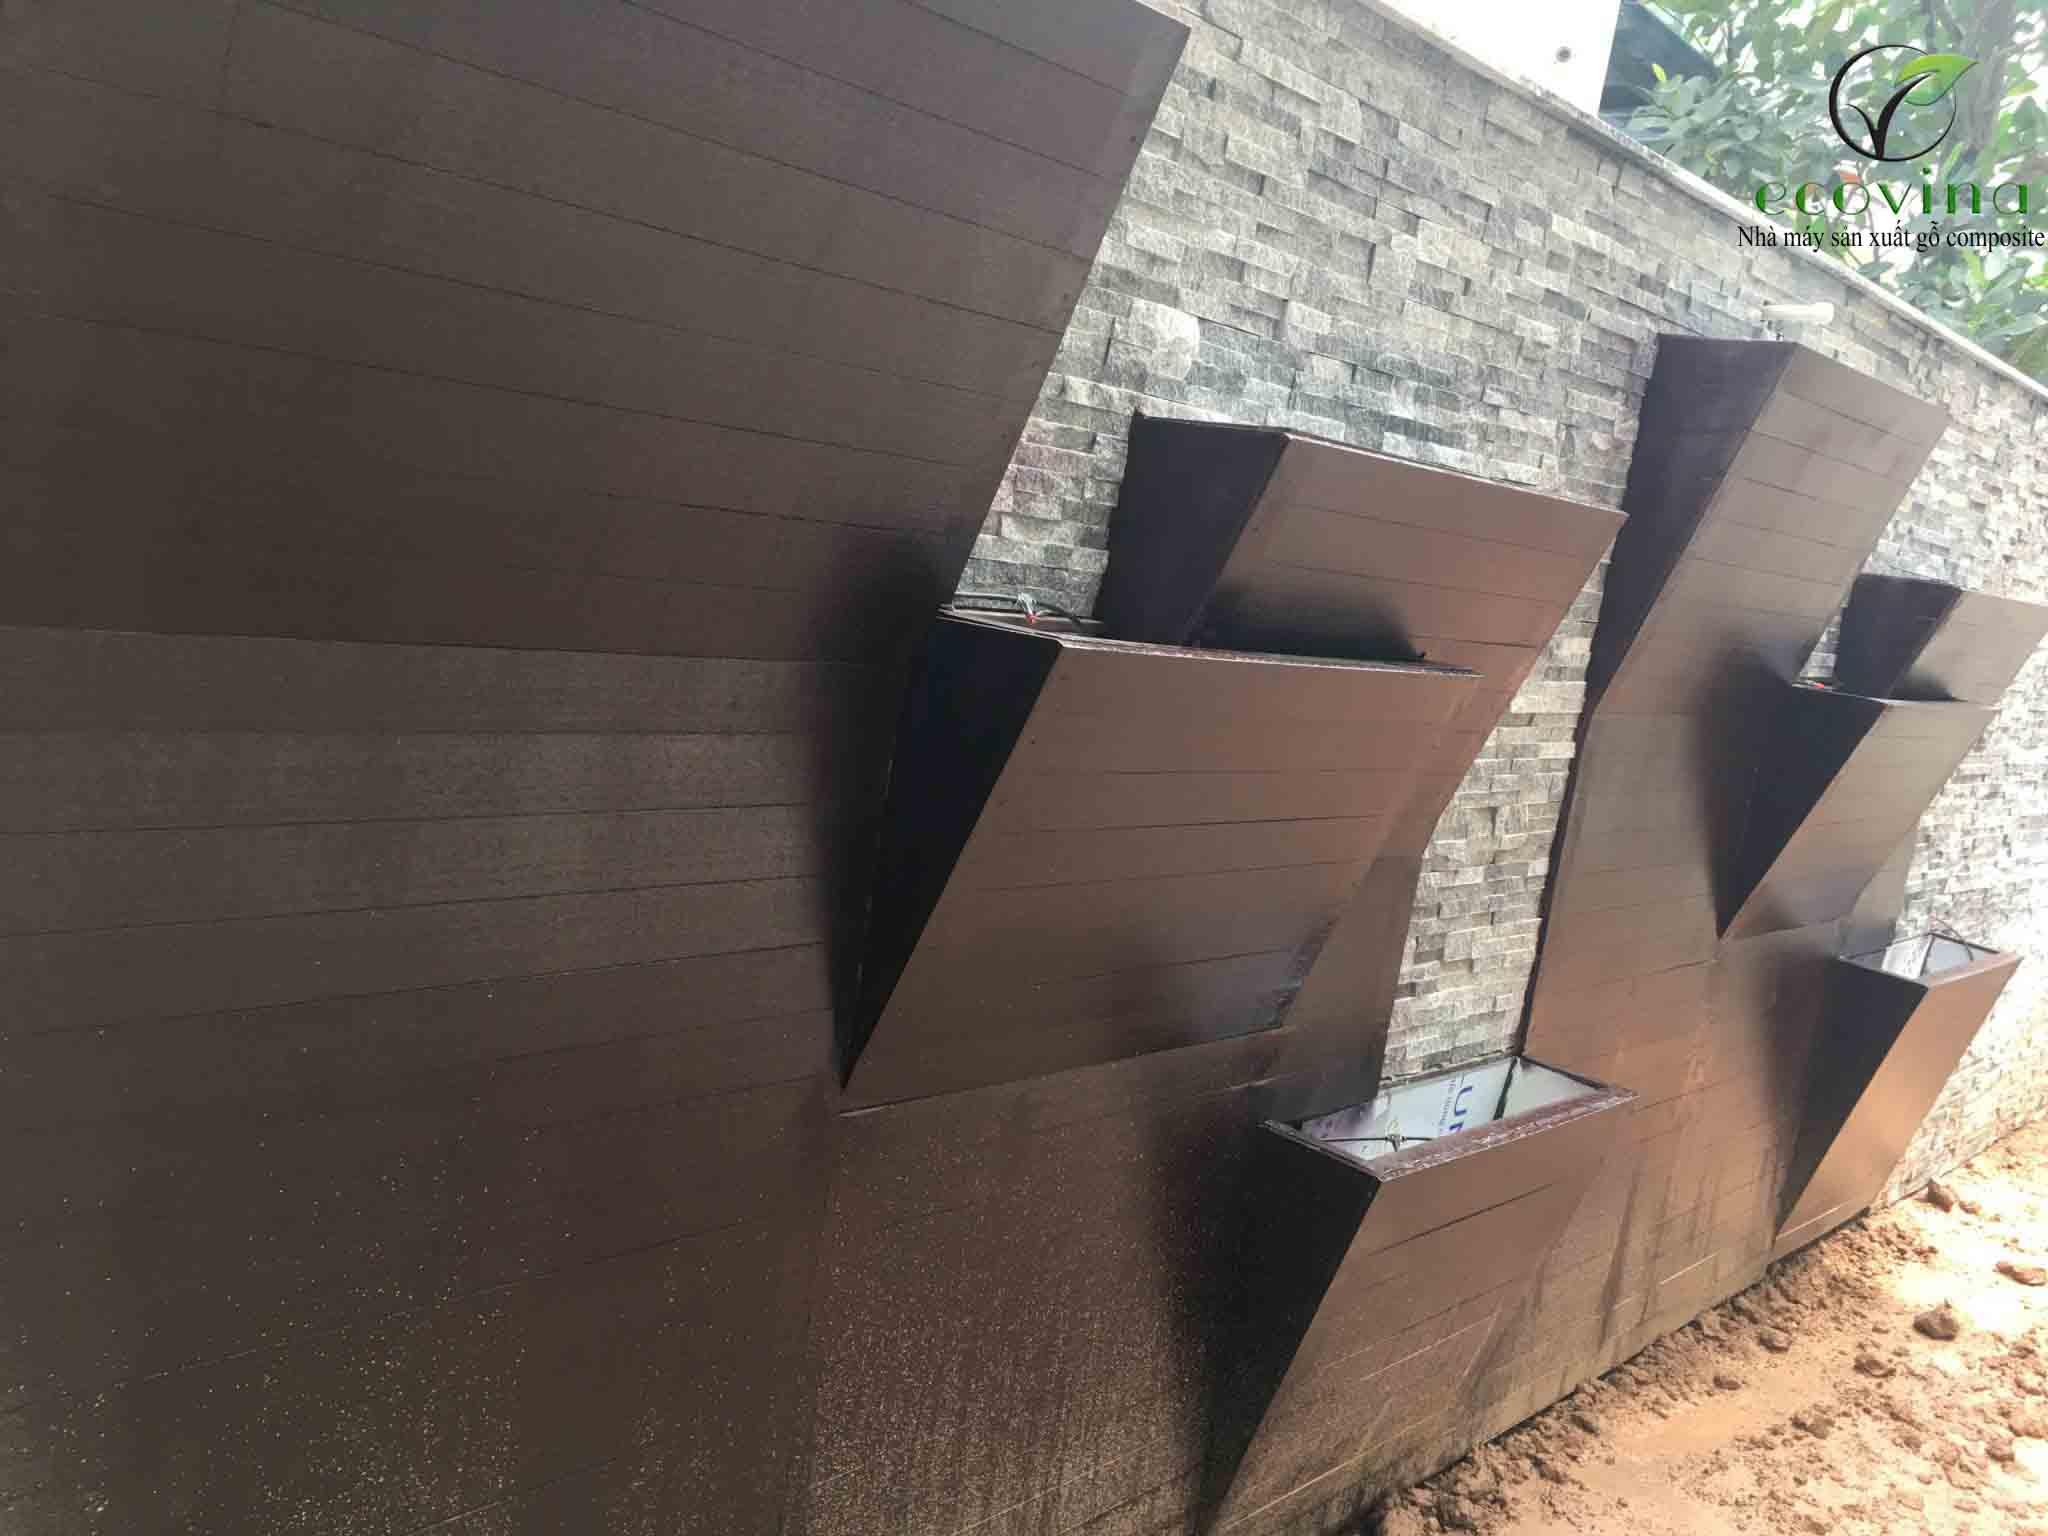 Tìm hiểu về gỗ nhựa composite và gỗ nhựa thường